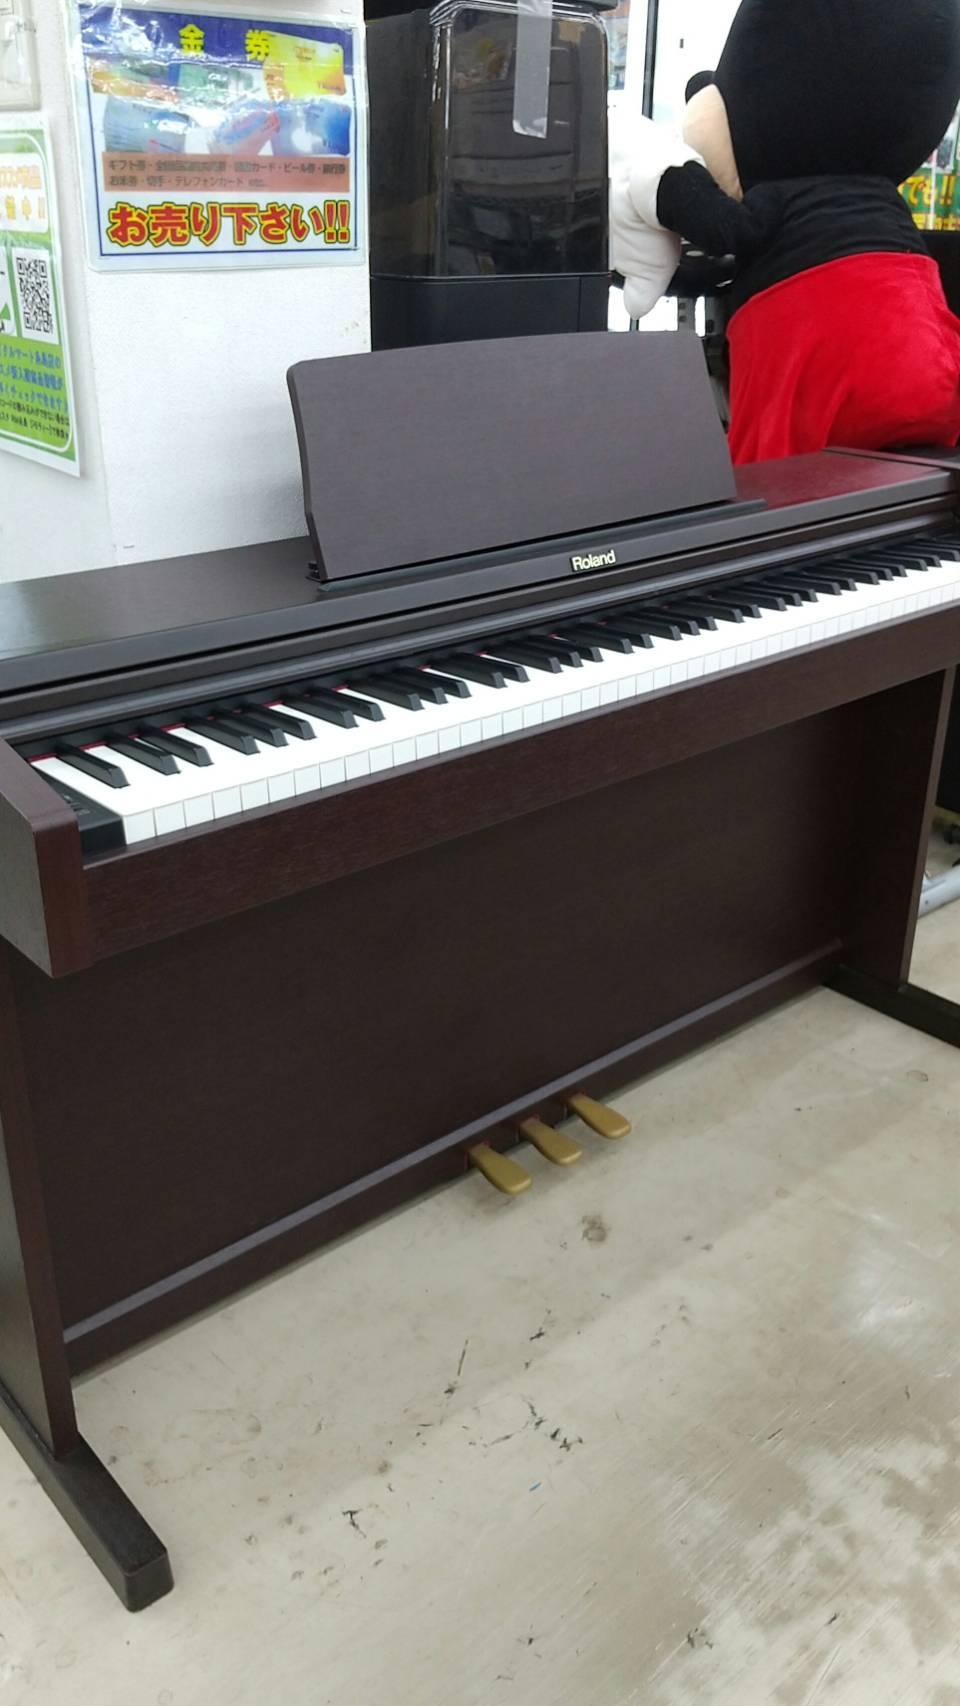 【Roland 電子ピアノ 2008年式 RP101-MH ローランド 楽器 キーボード】を買取いたしました!の買取-